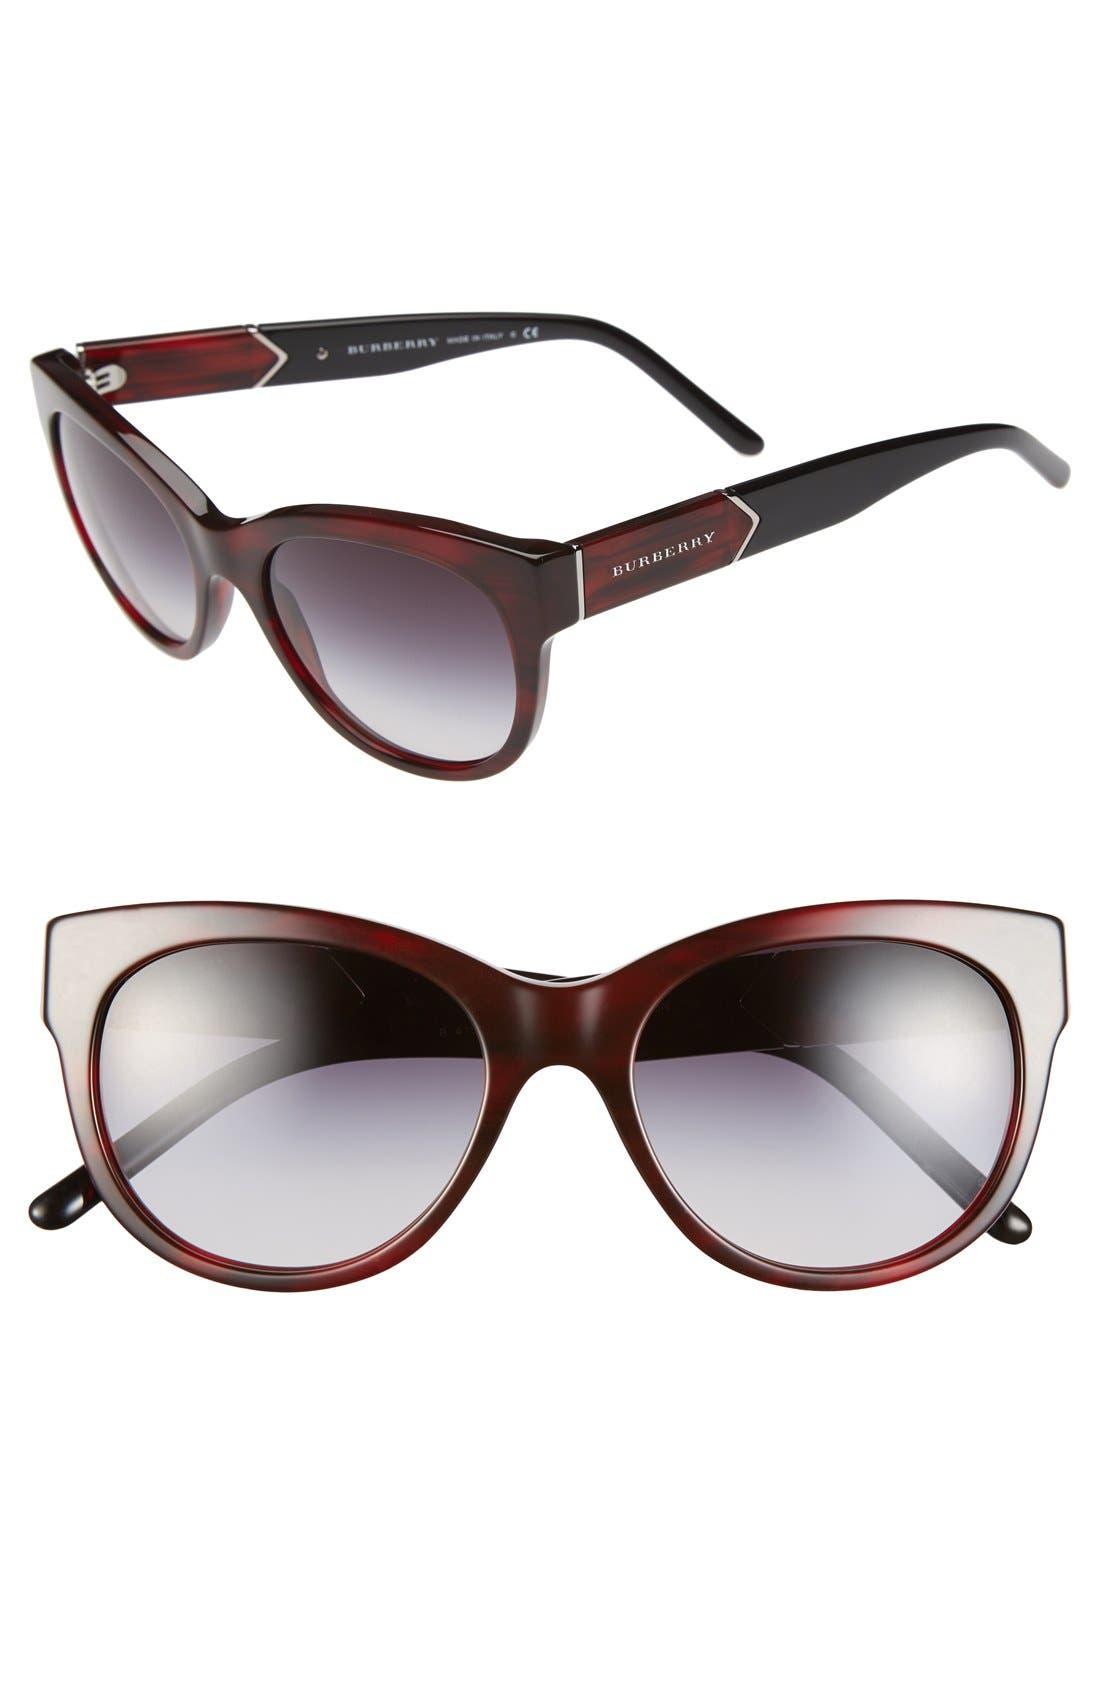 Main Image - Burberry 'Phantos' 53mm Sunglasses